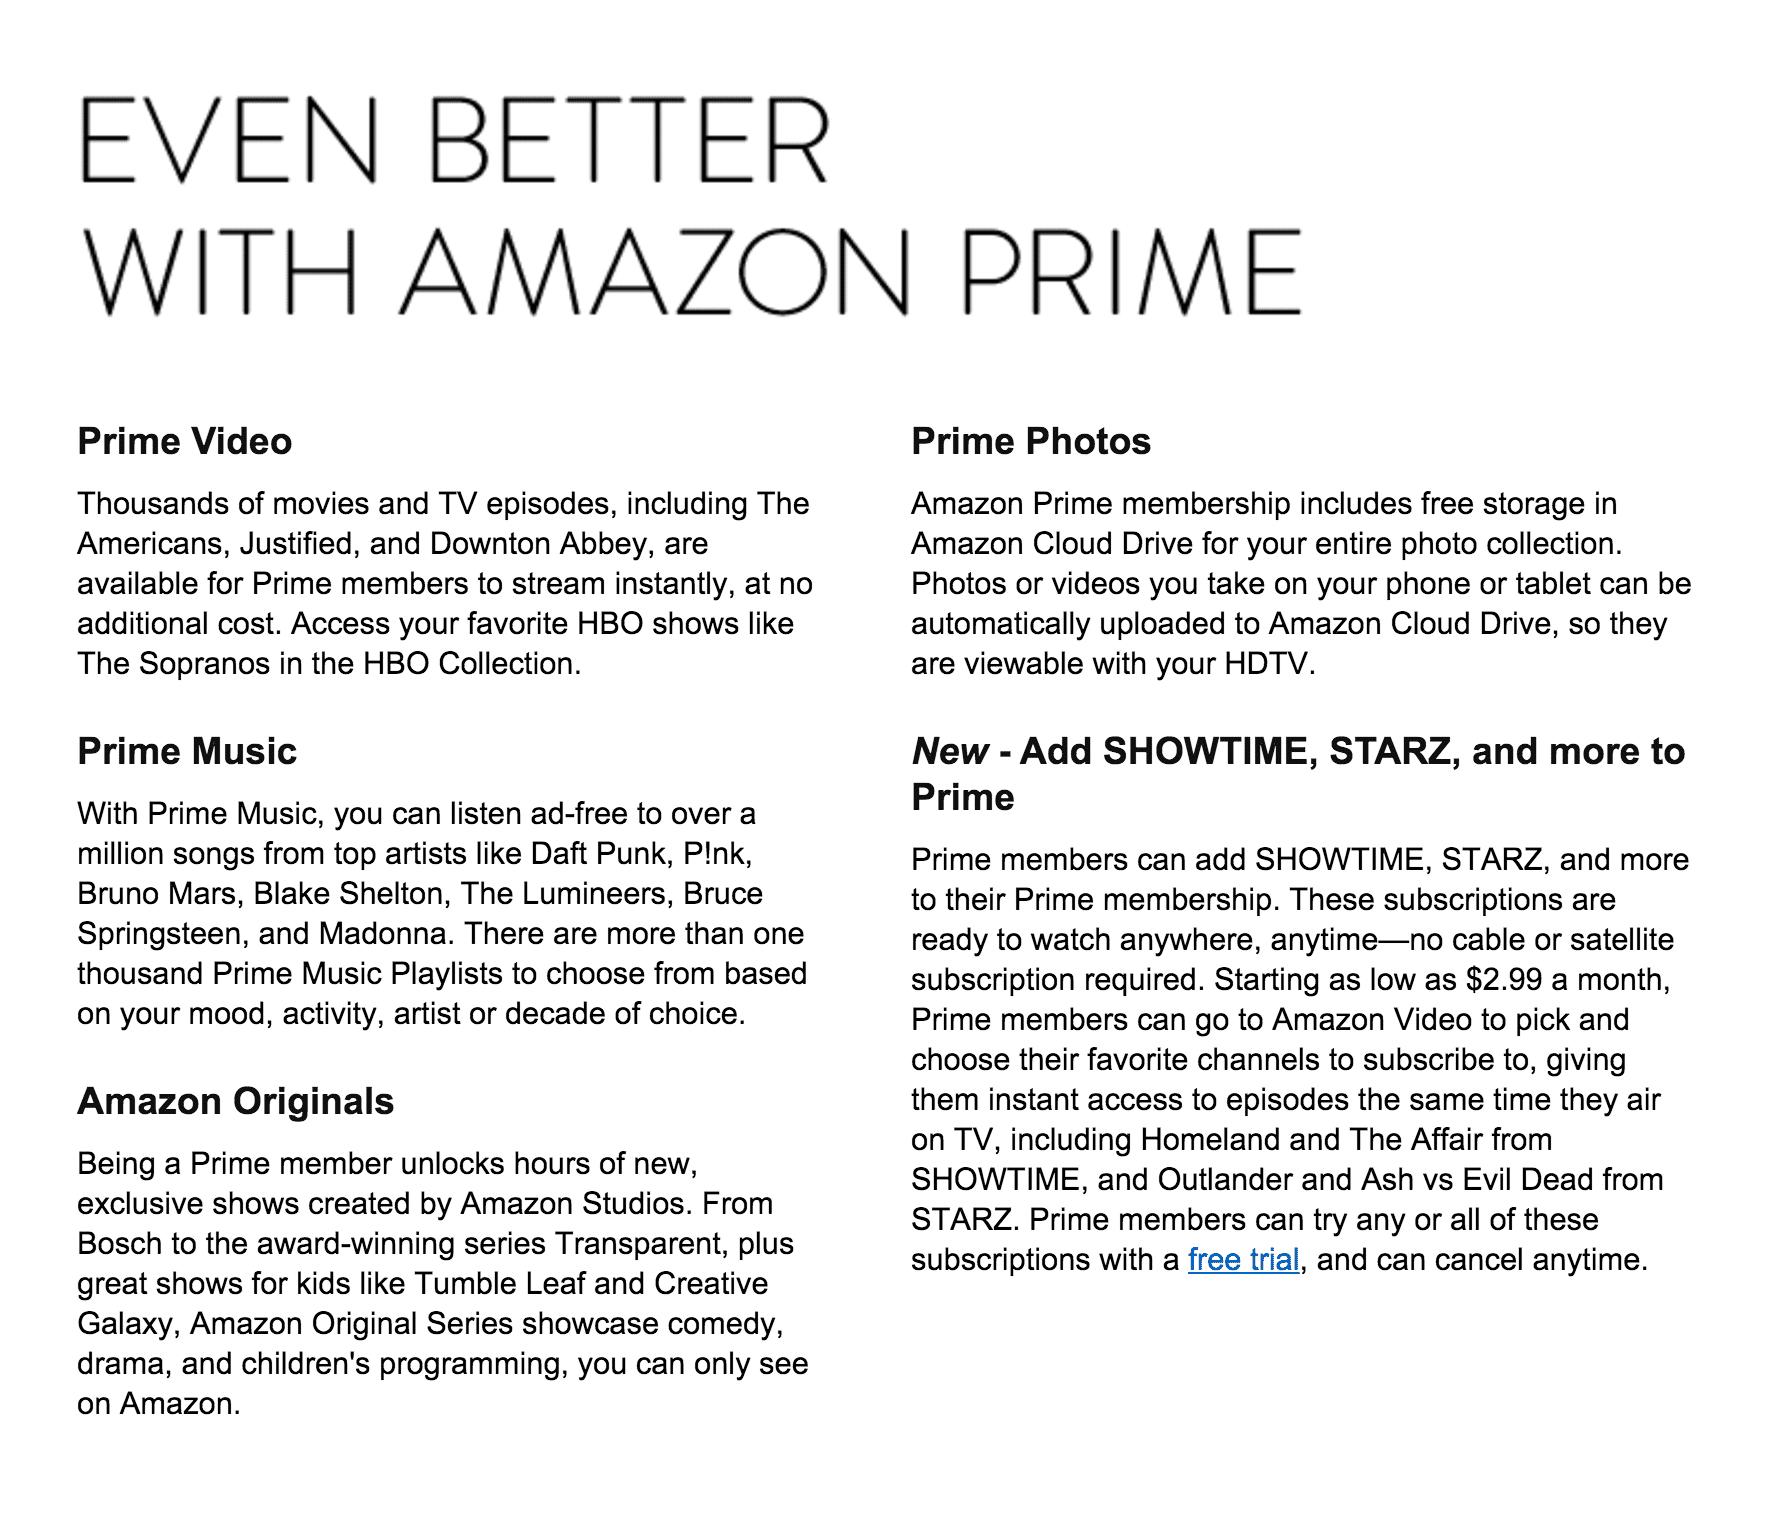 Amazon Prime's benefits